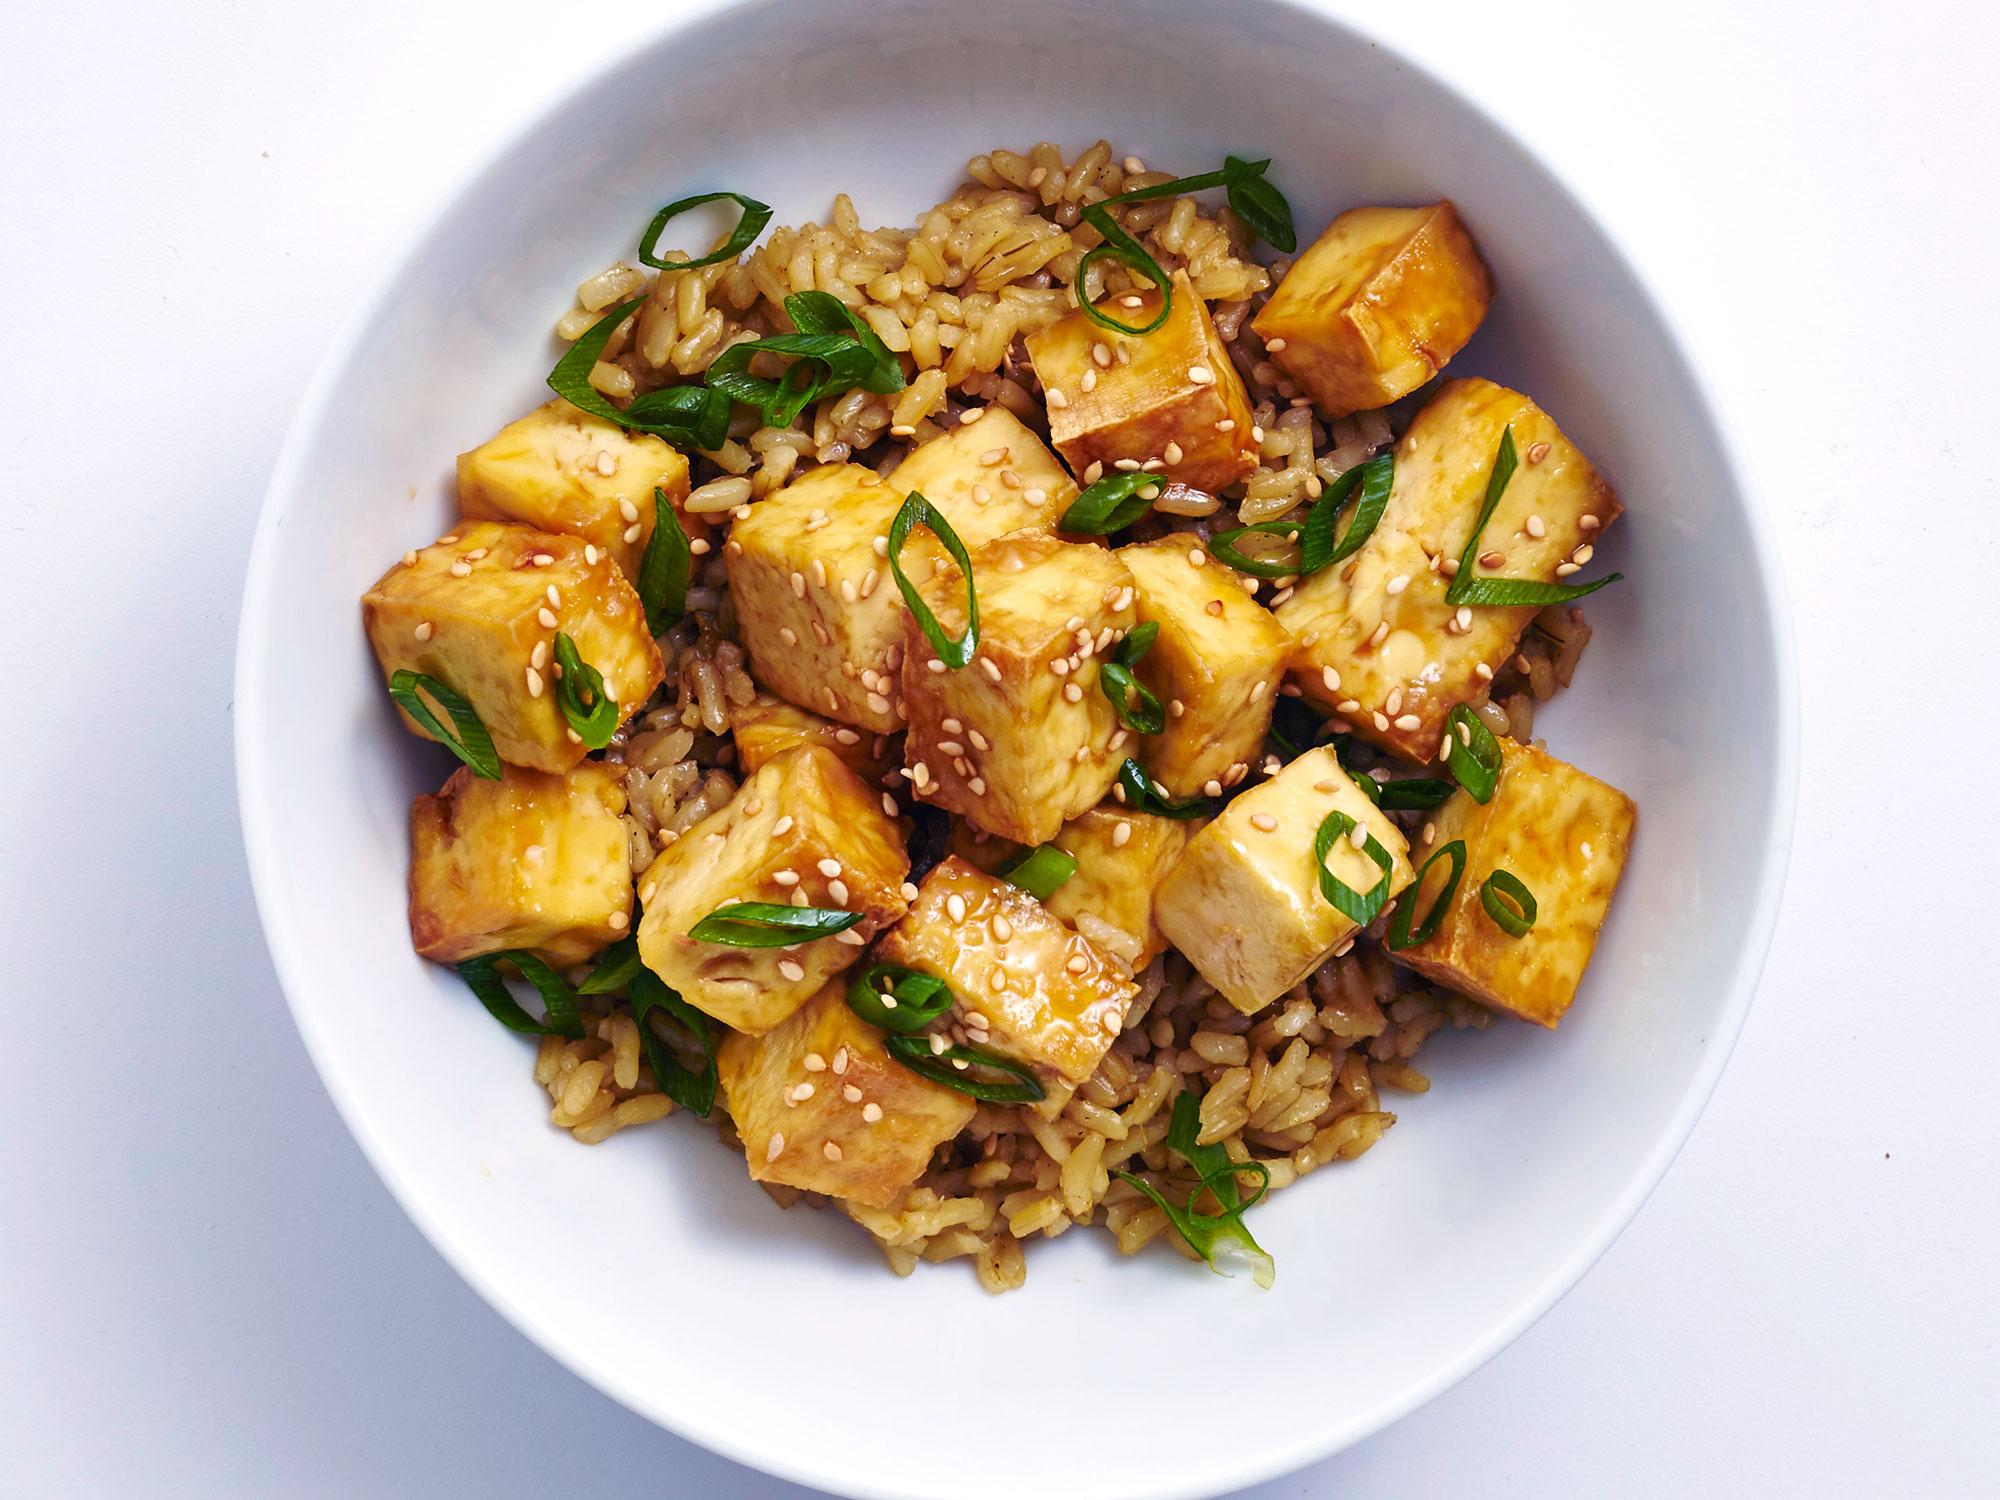 Make Crispy Toasted Sesame Tofu in an Air Fryer